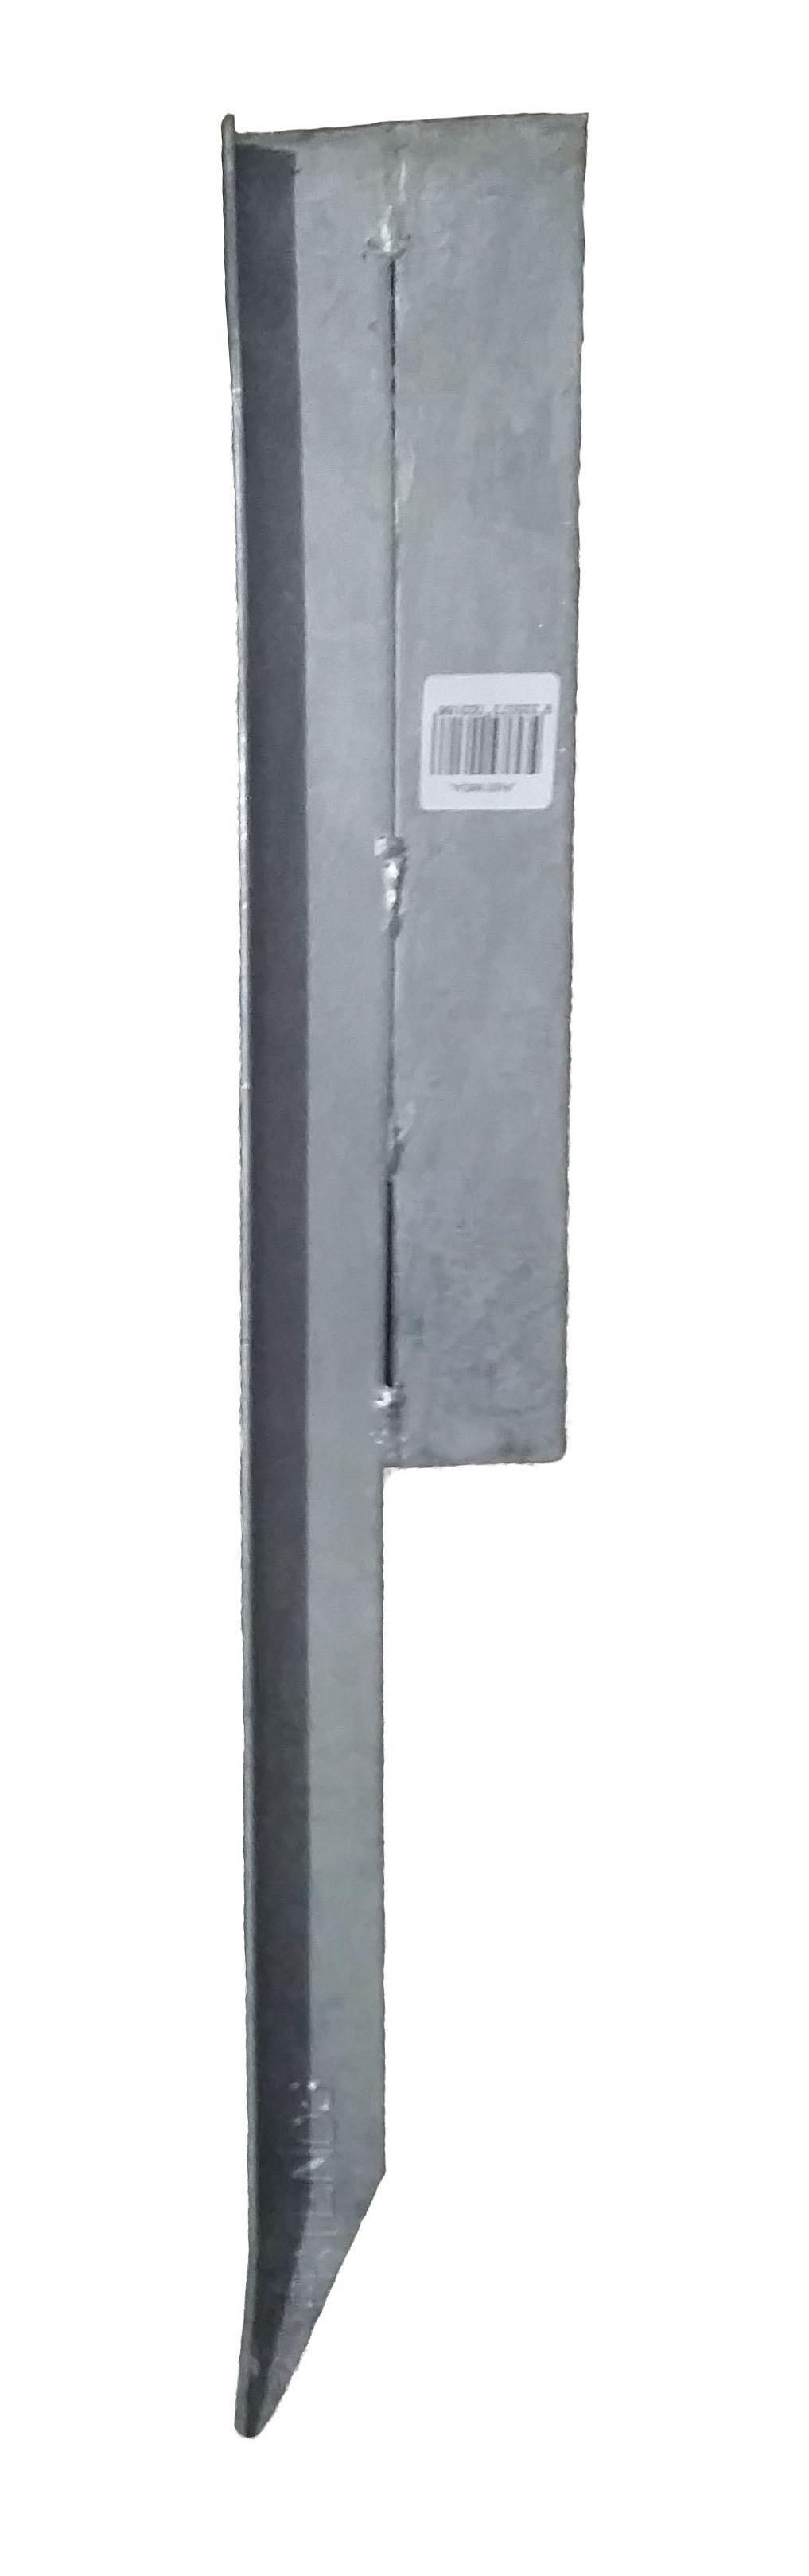 STEEL CORNER L50x700 L/H GALV